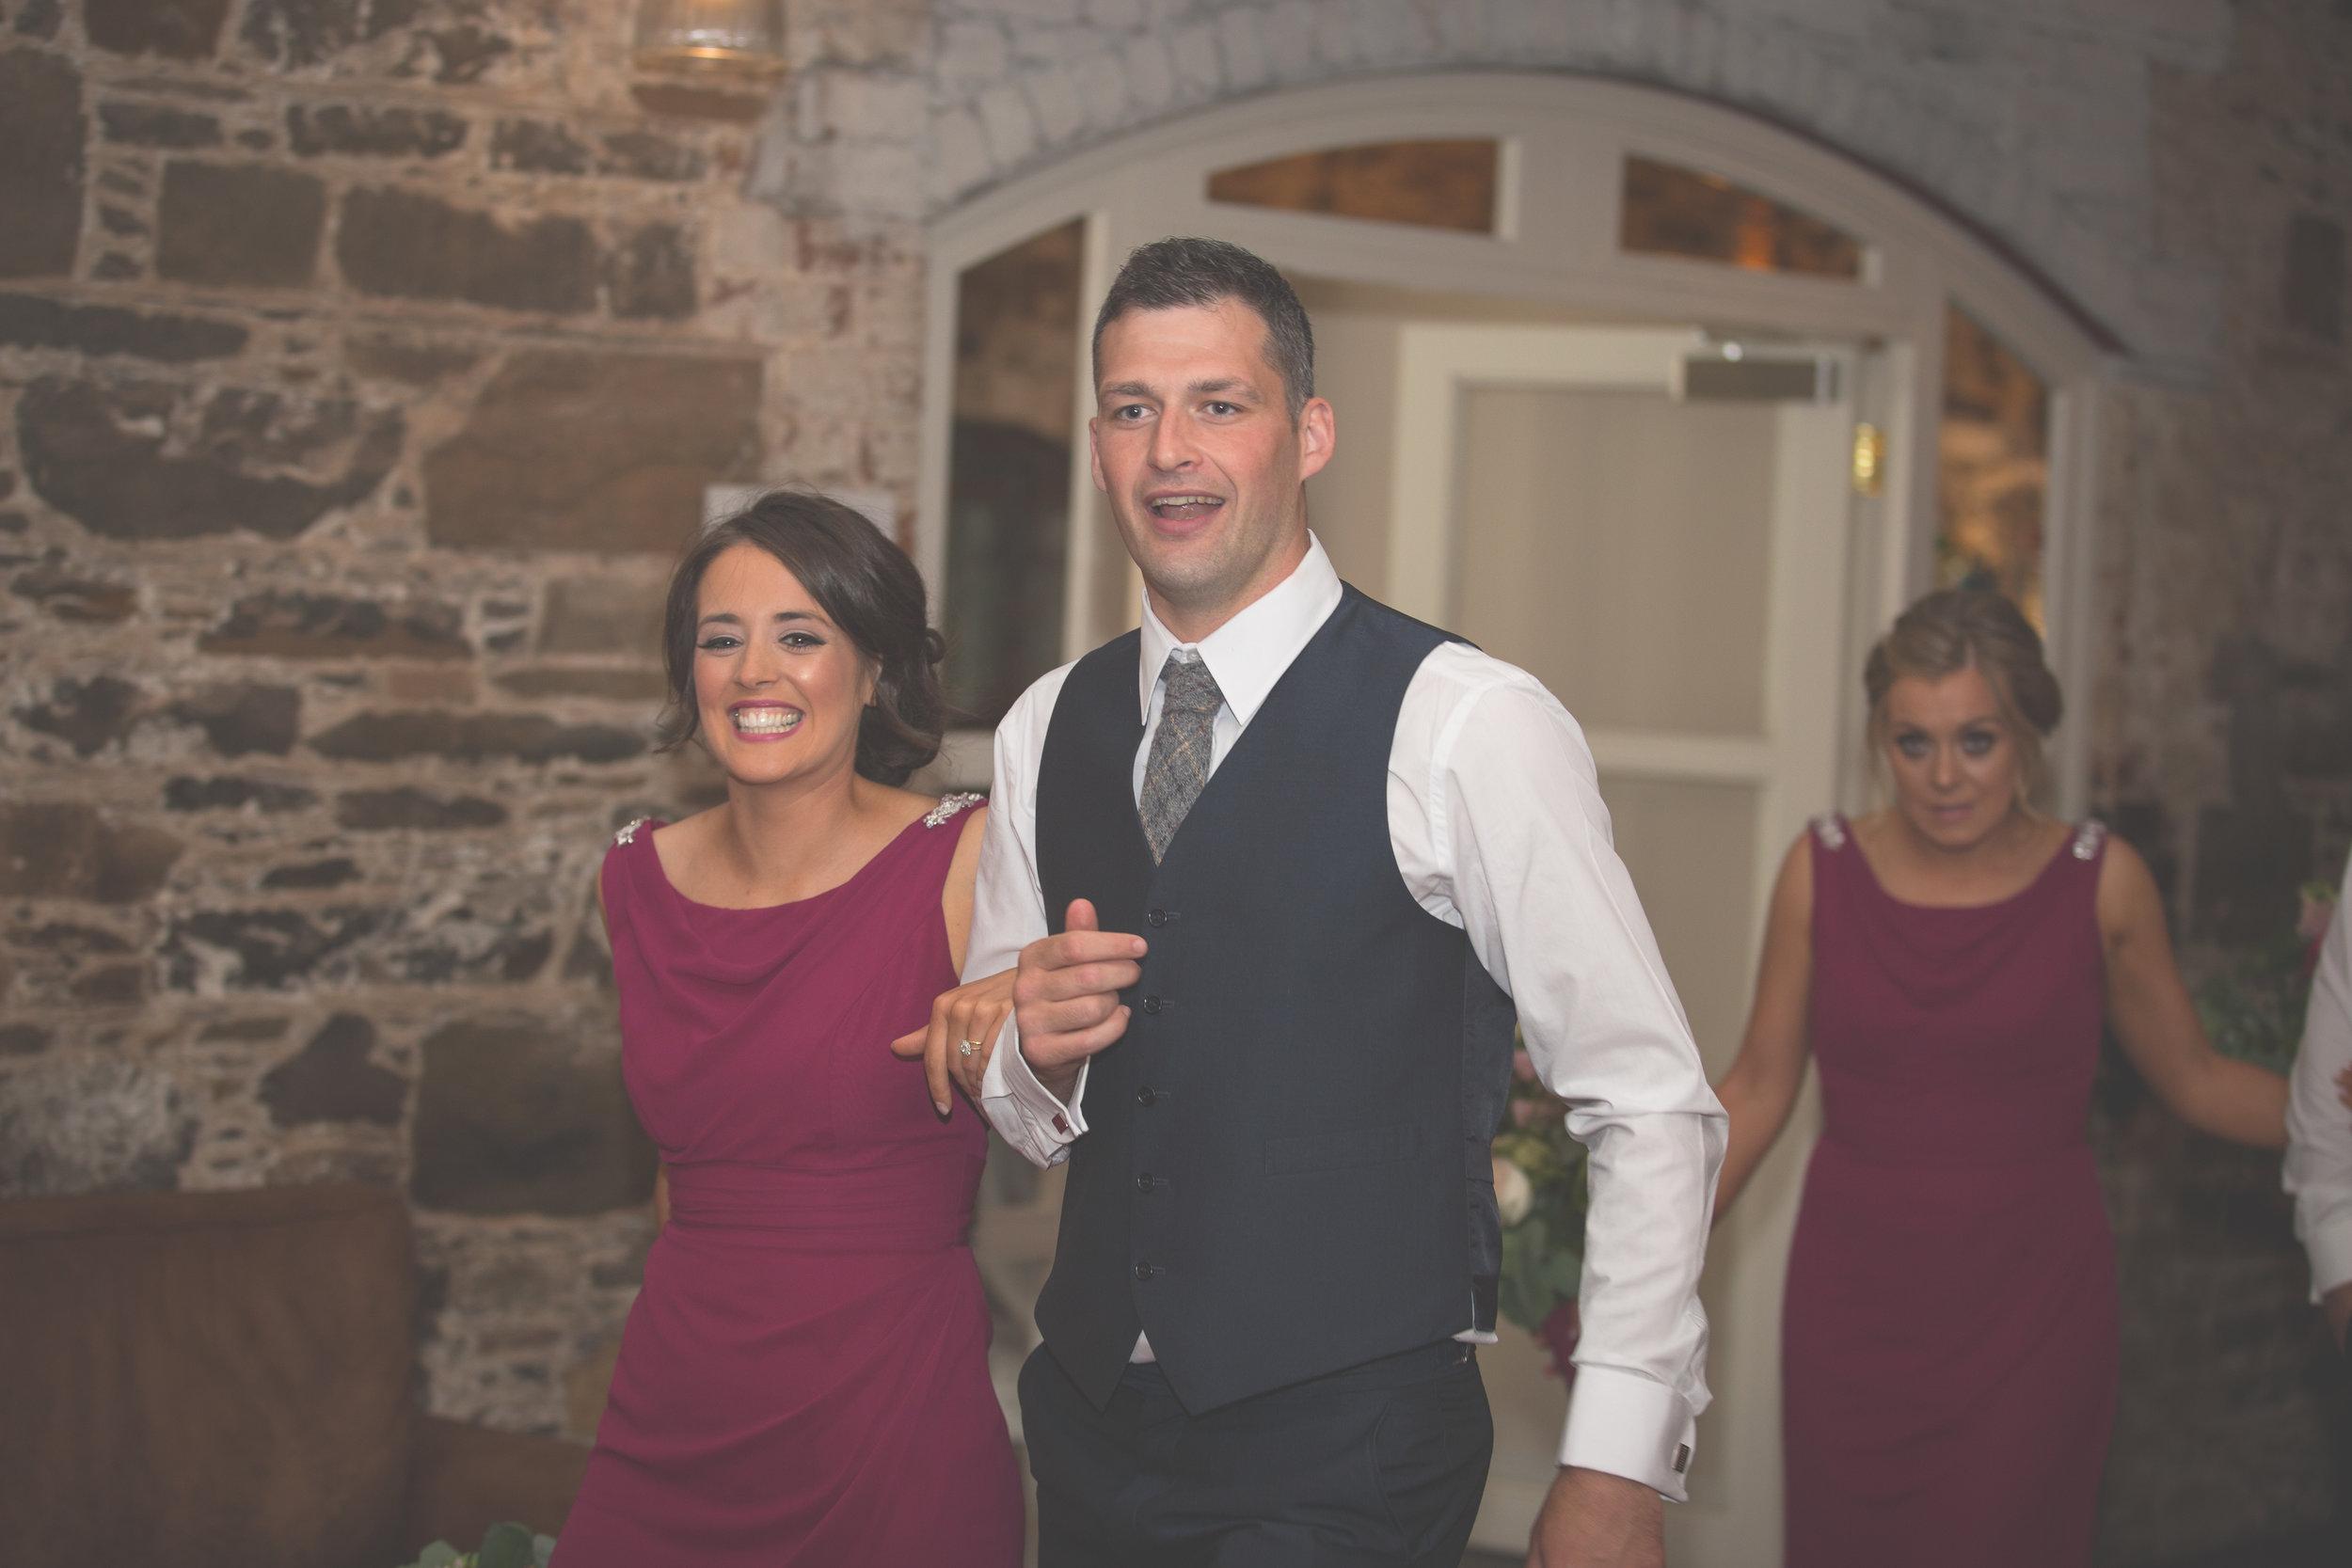 Brian McEwan Wedding Photography | Carol-Anne & Sean | The Speeches-47.jpg